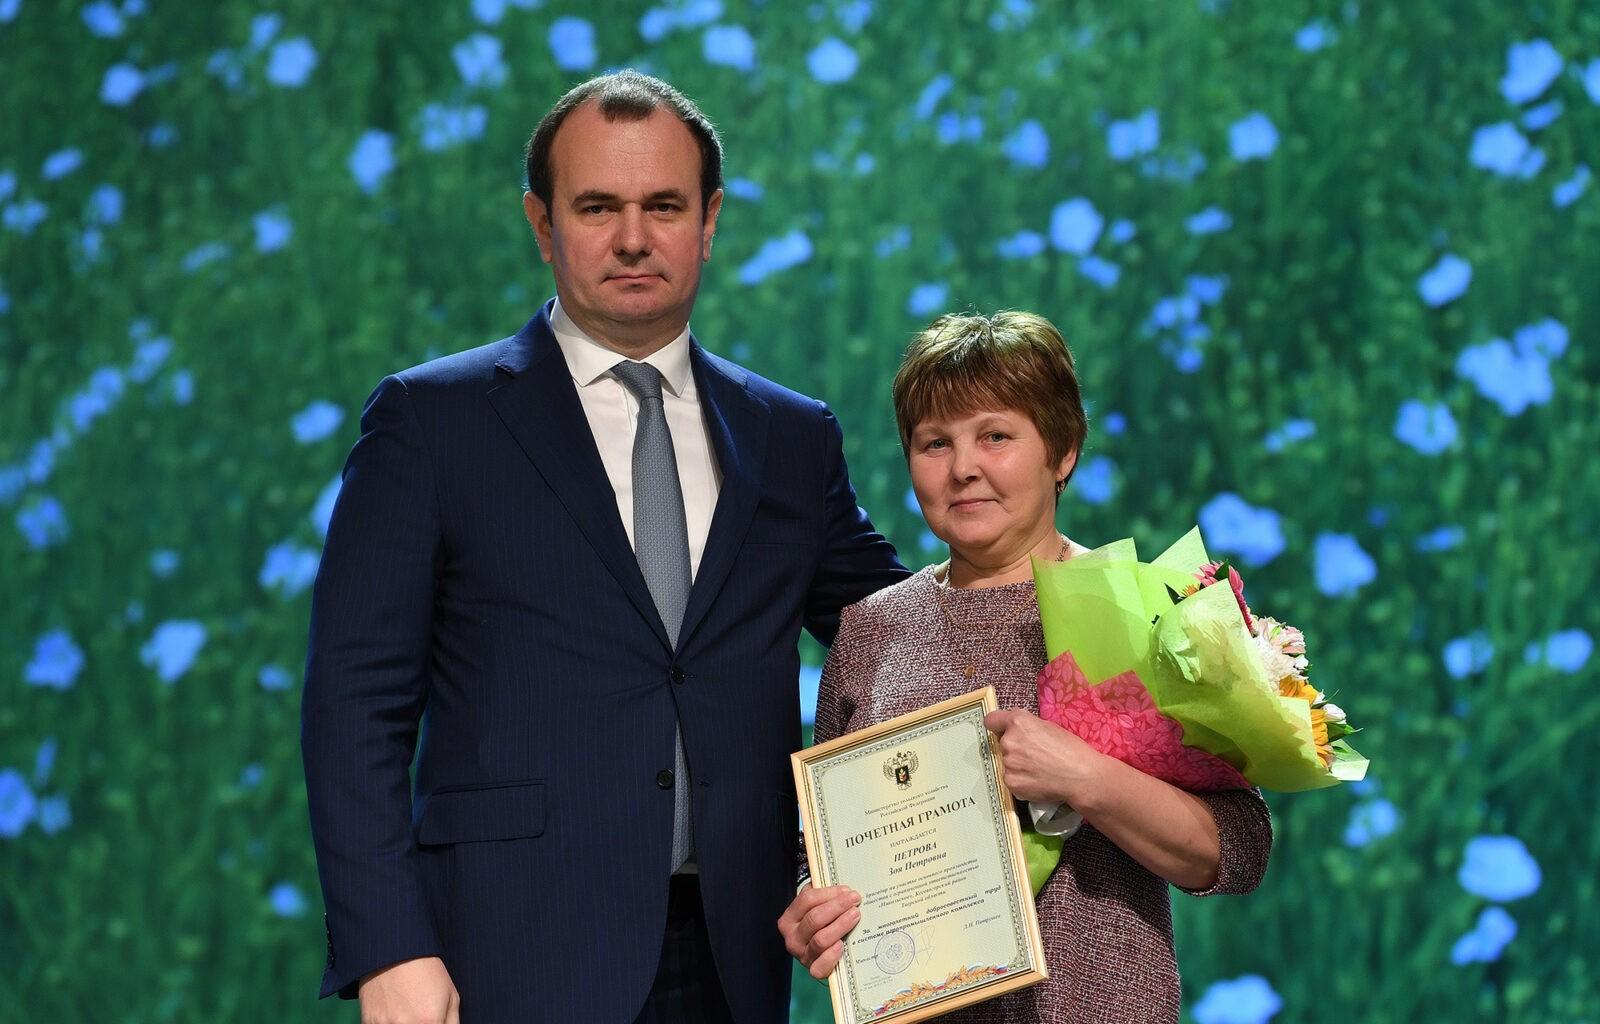 Зоя Петрова: Работники сельского хозяйства всегда должны быть в почете